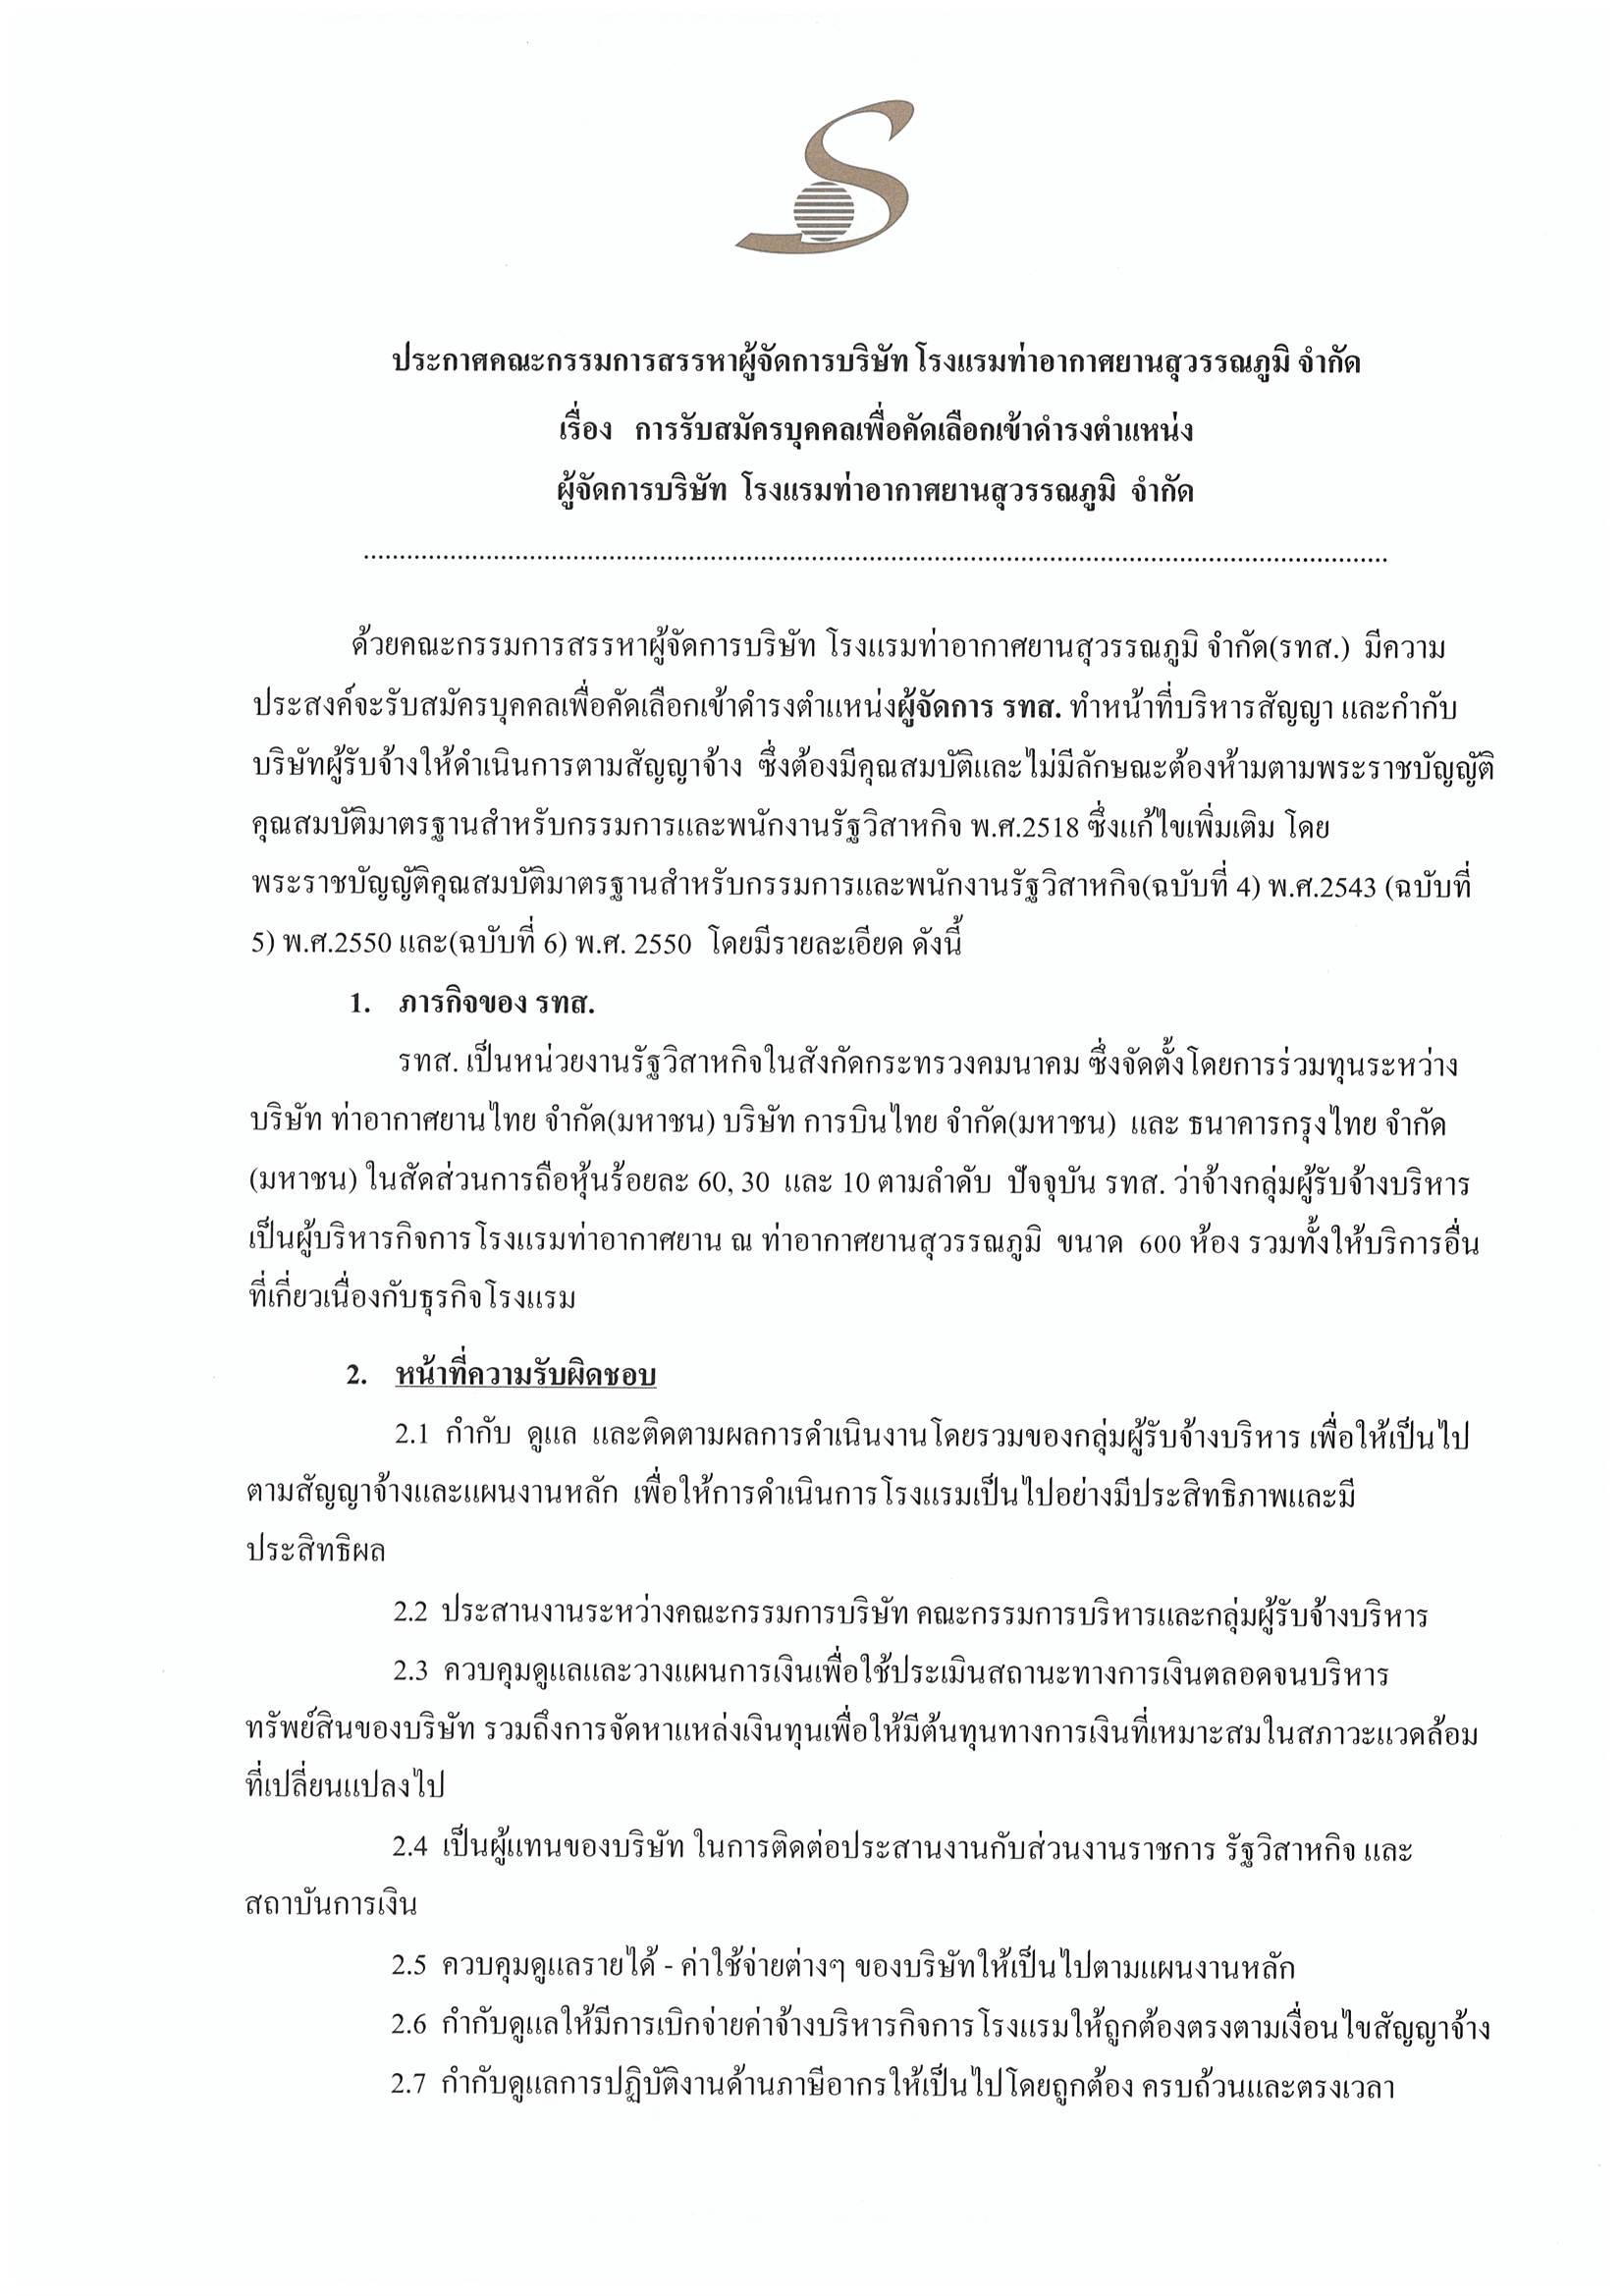 ประกาศรับสมัคร_Page_1